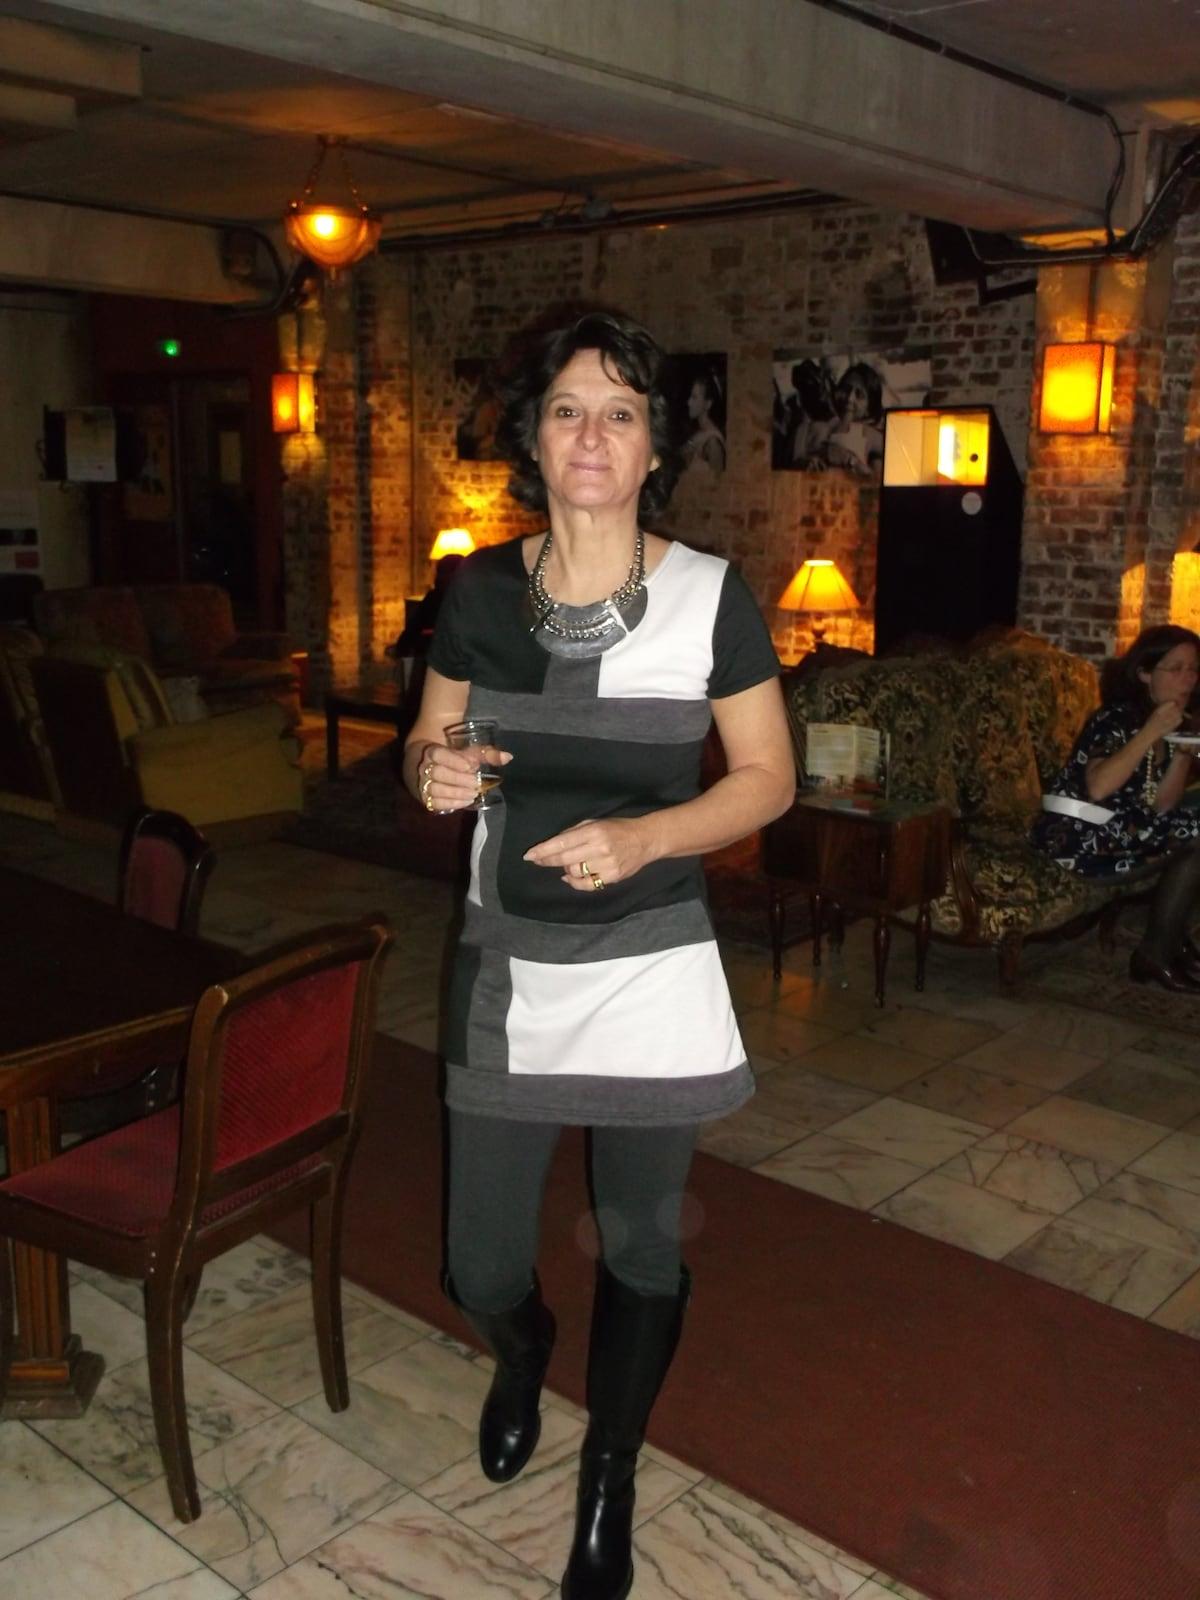 Delphine from Samois-sur-Seine